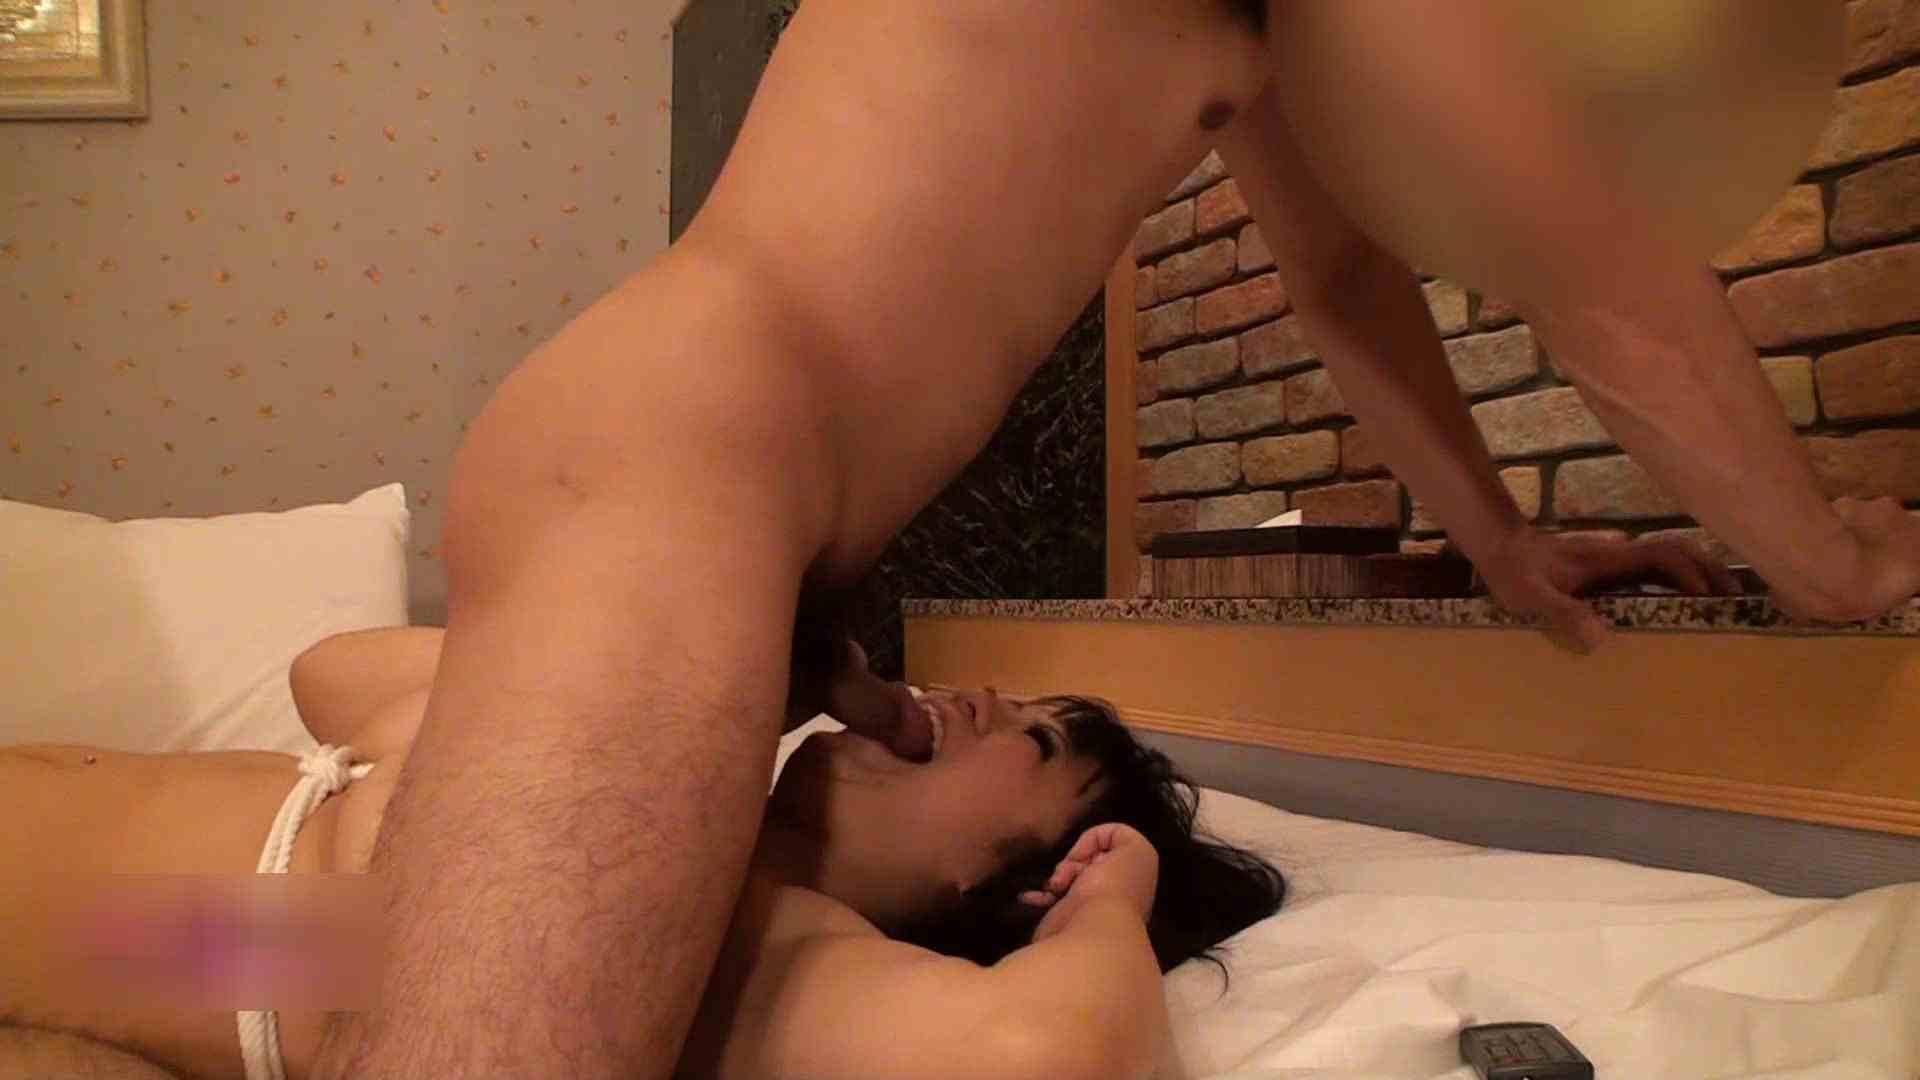 ギャルにしたいエロい事 Vol.07 後編 OL裸体   ギャル達のセックス  89画像 29